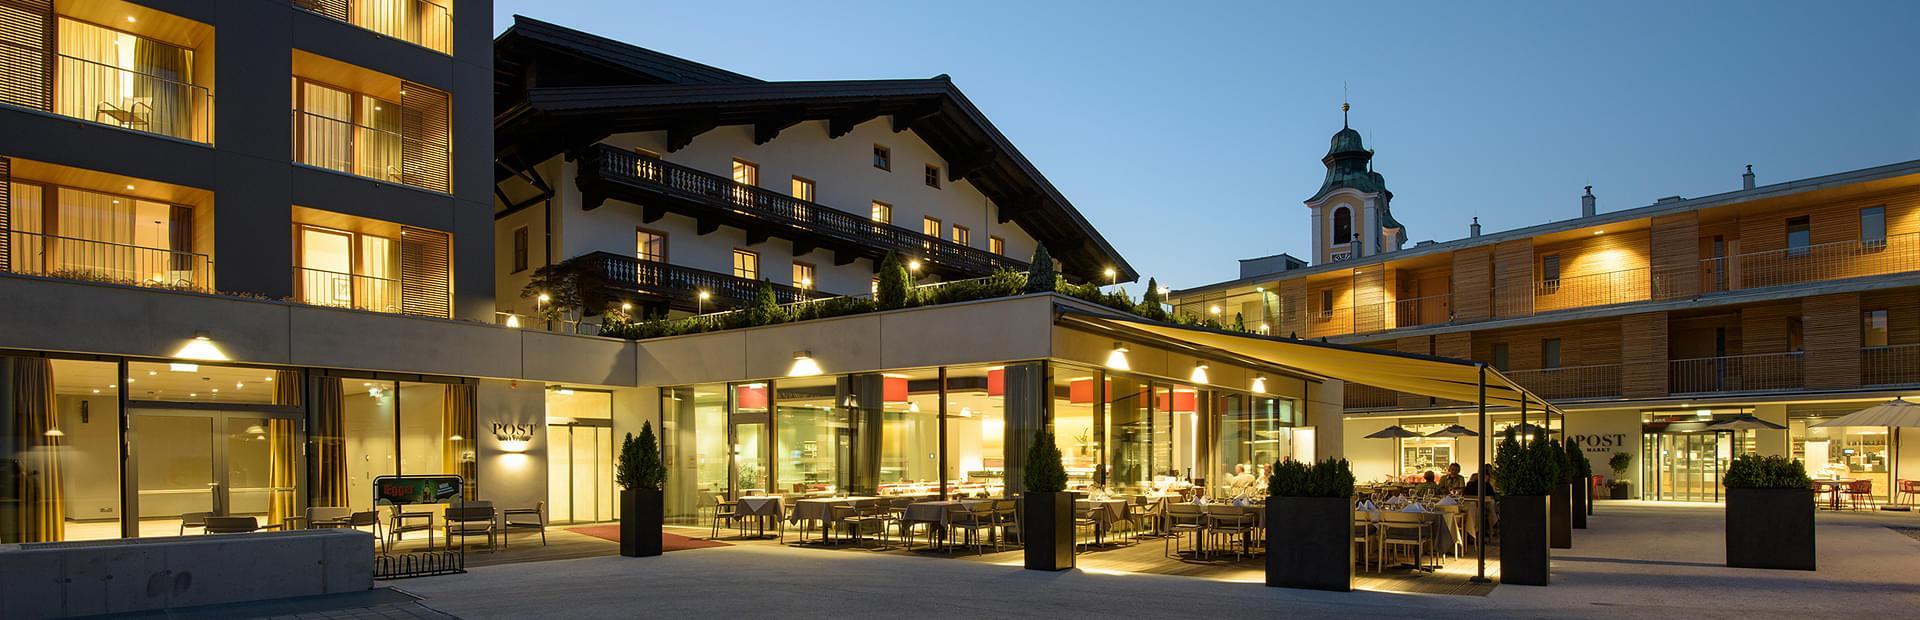 Hotel Neue Post Holzgau Speisekarte